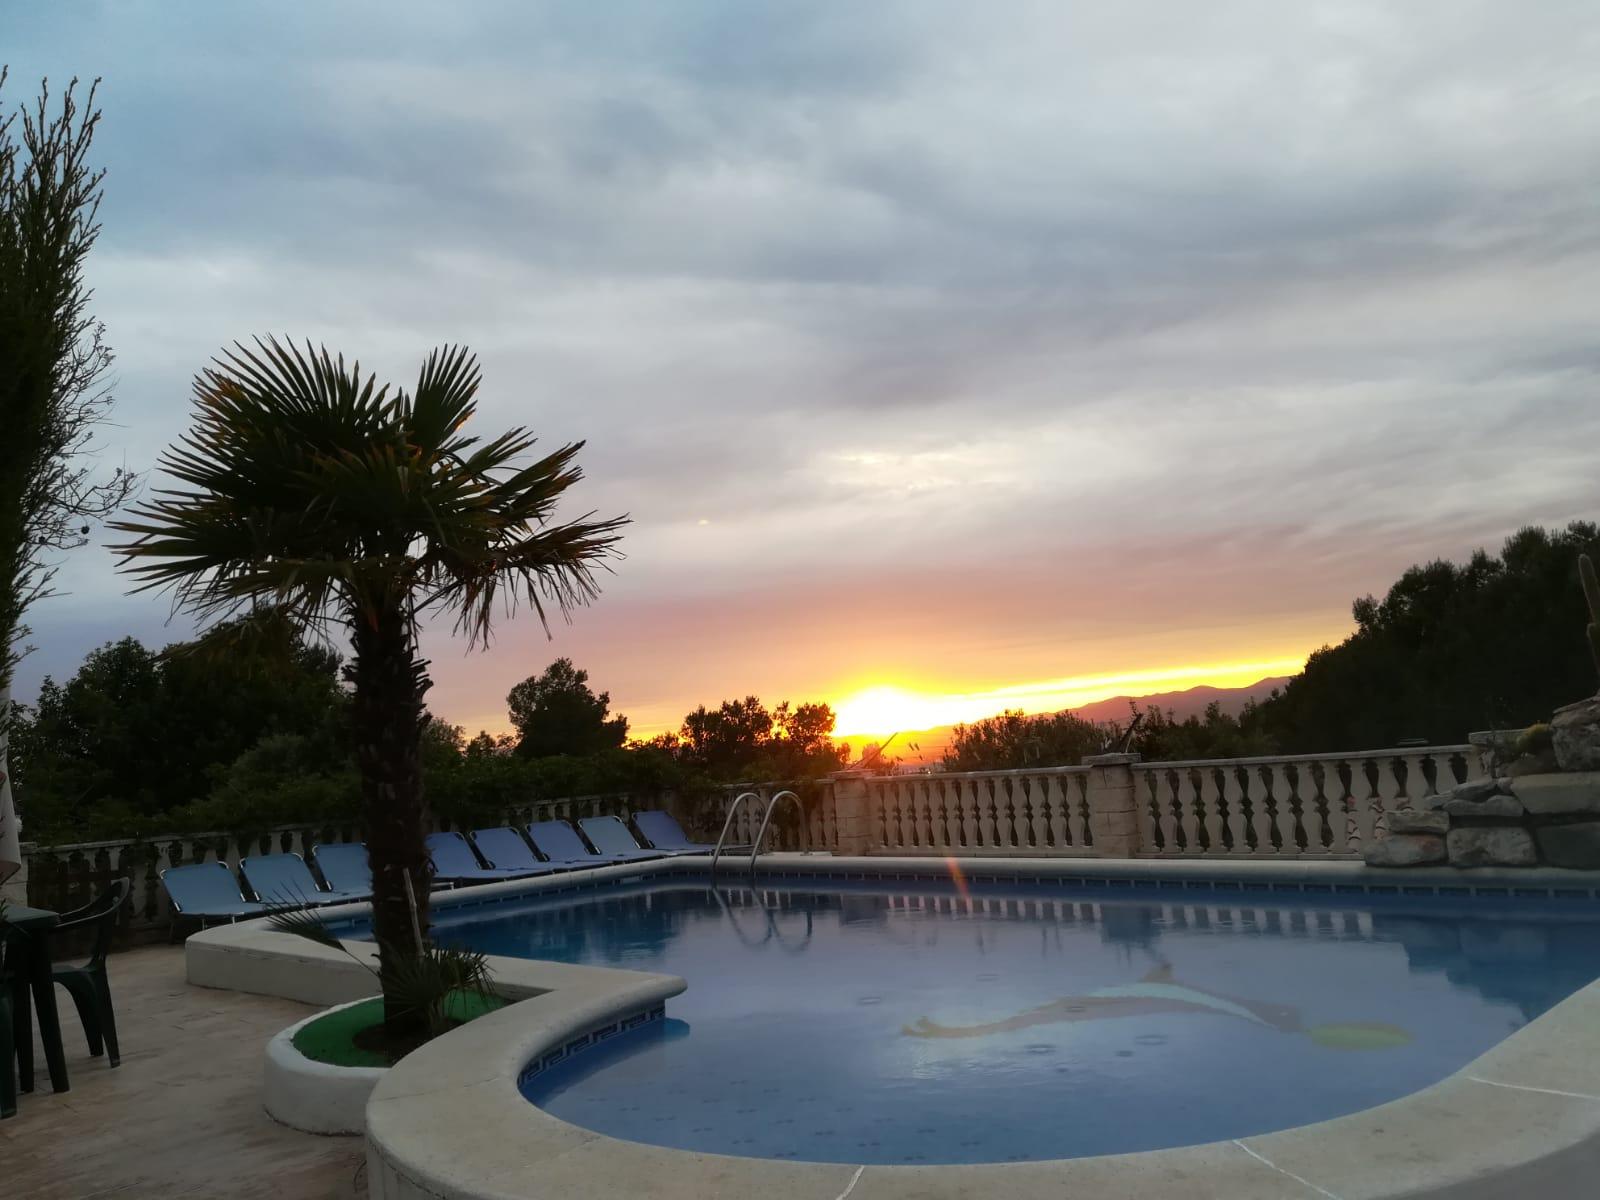 Ferienhaus Catalunya Casas: Lovely villa in Castellet, only 10 min to Costa Dorada beaches! (1890850), Castellet i la Gornal, Costa del Garraf, Katalonien, Spanien, Bild 47